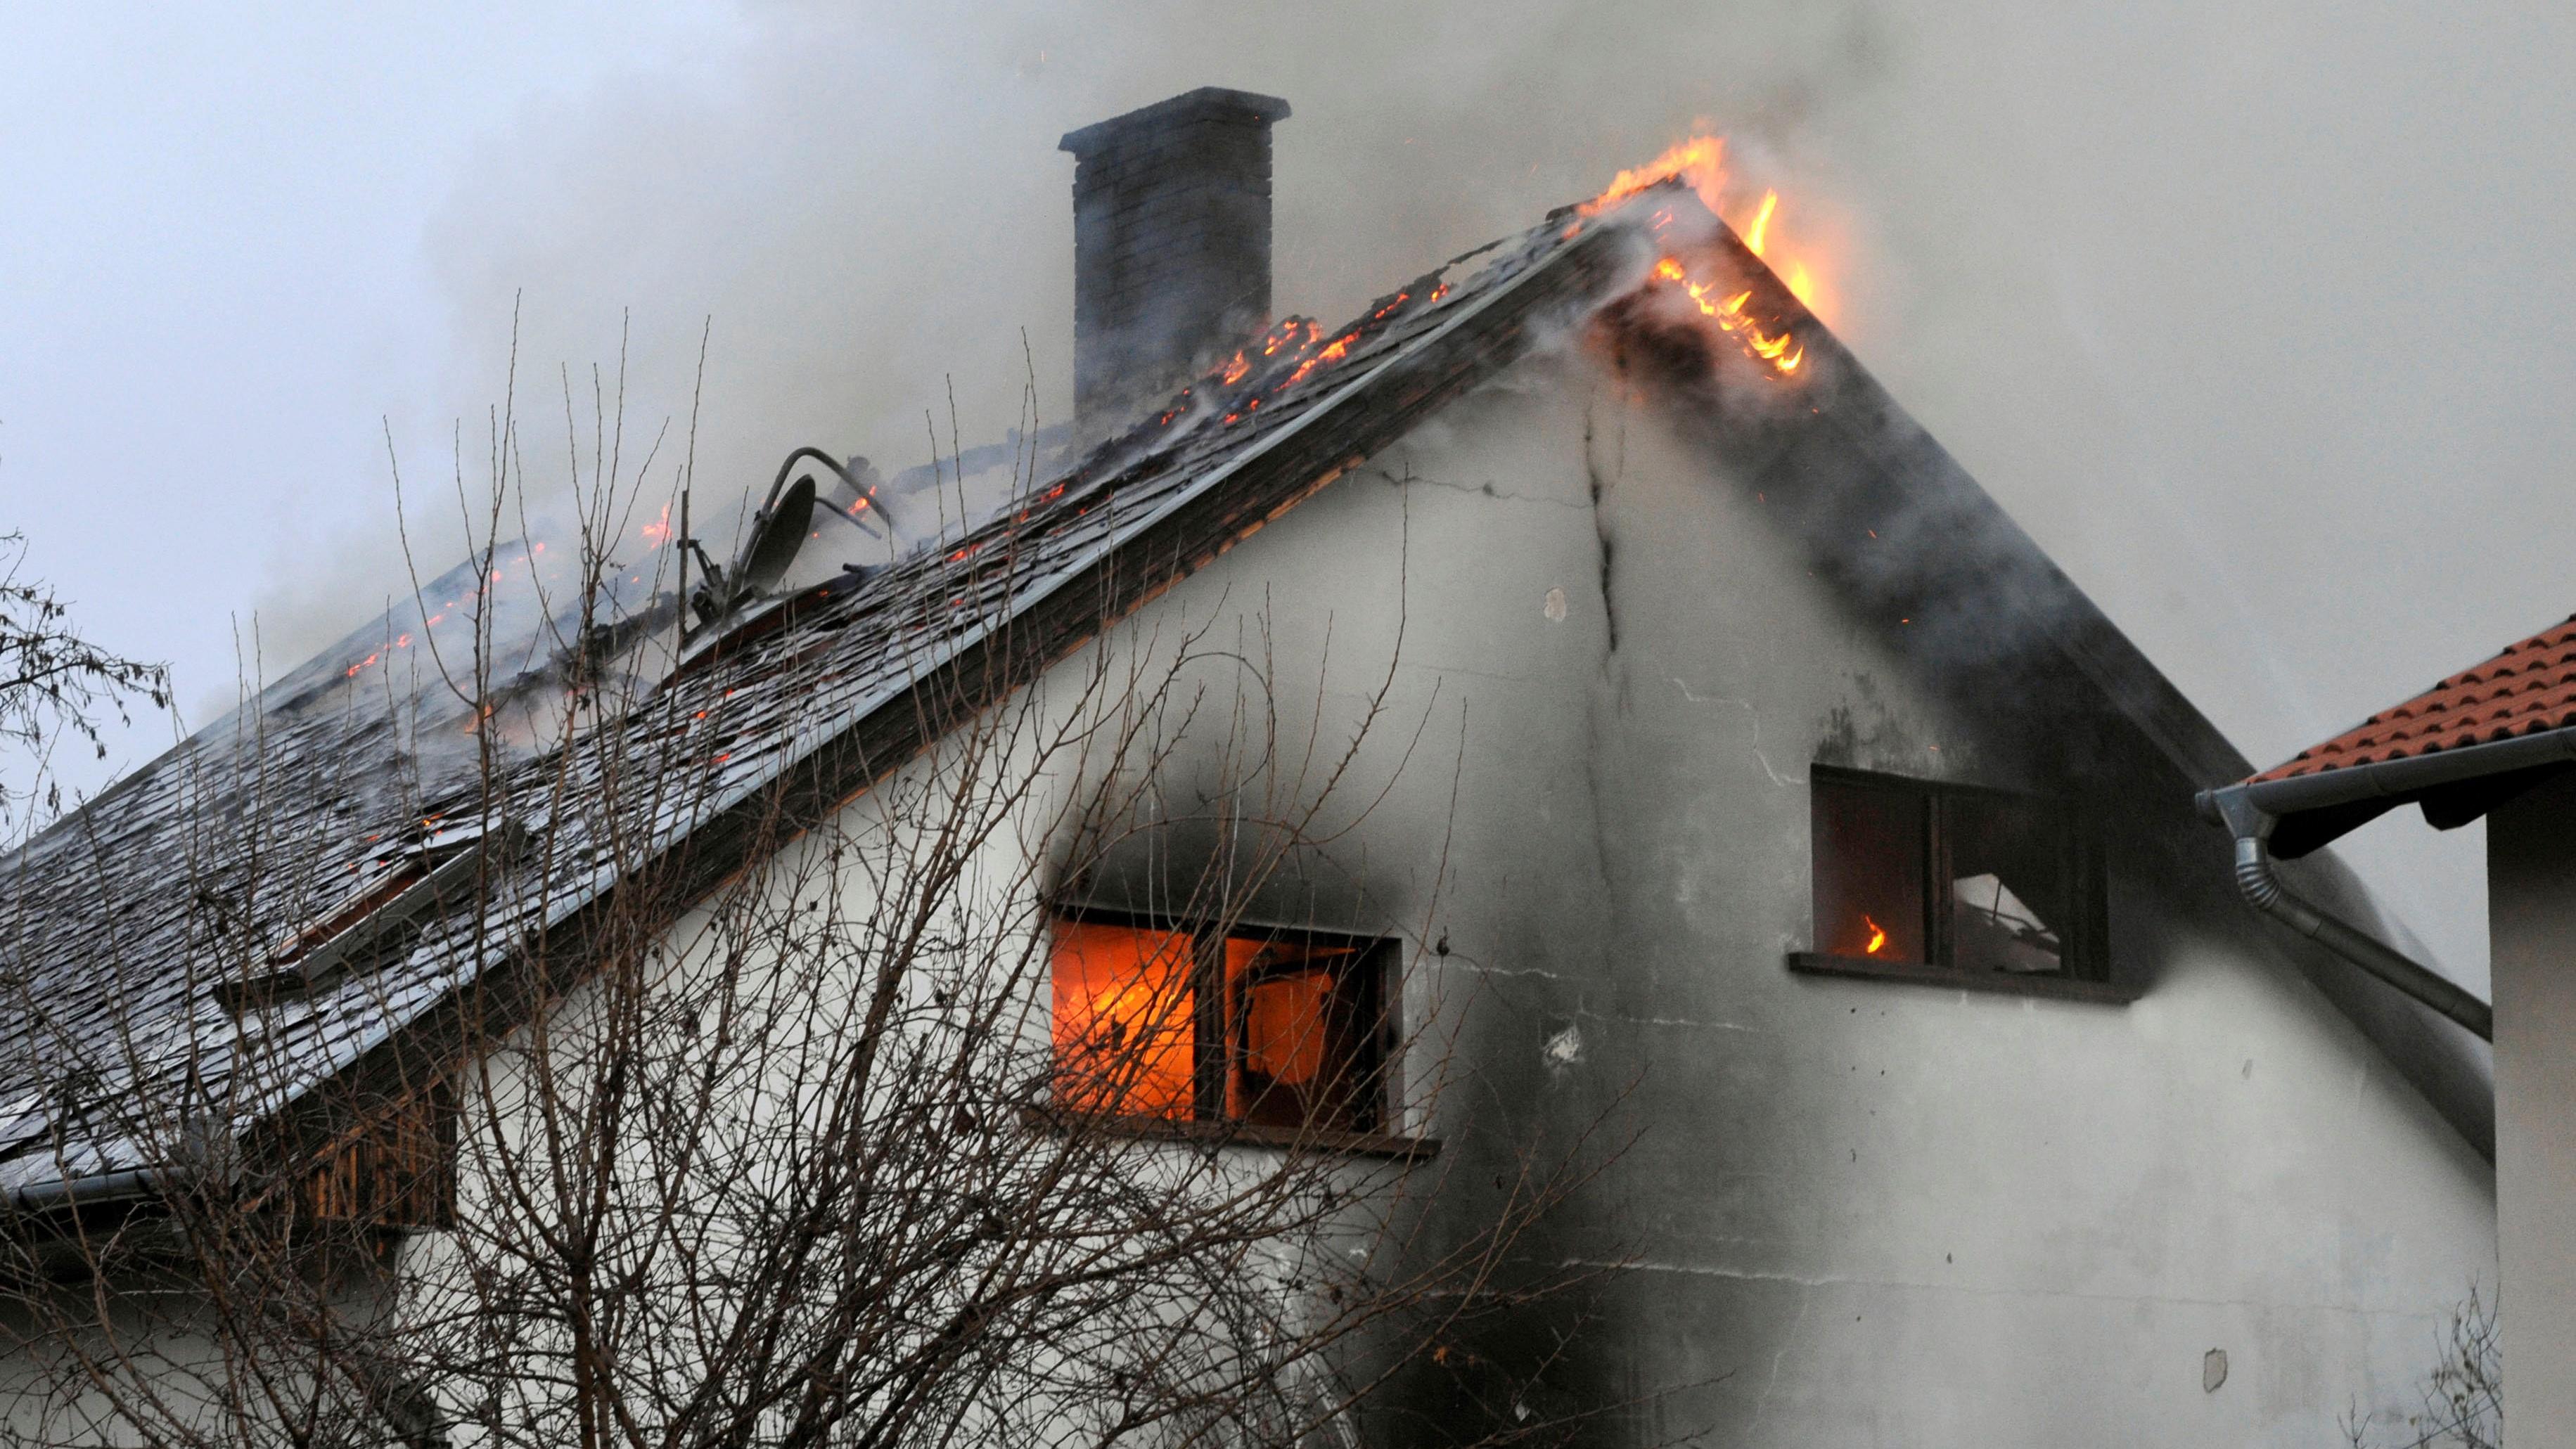 Kigyulladt lakóház Budapest XXII. kerületében. A száz négyzetméteres, kétszintes épület teljes terjedelmében égett, a tűzoltók több gázpalackot is kihoztak az épületből.